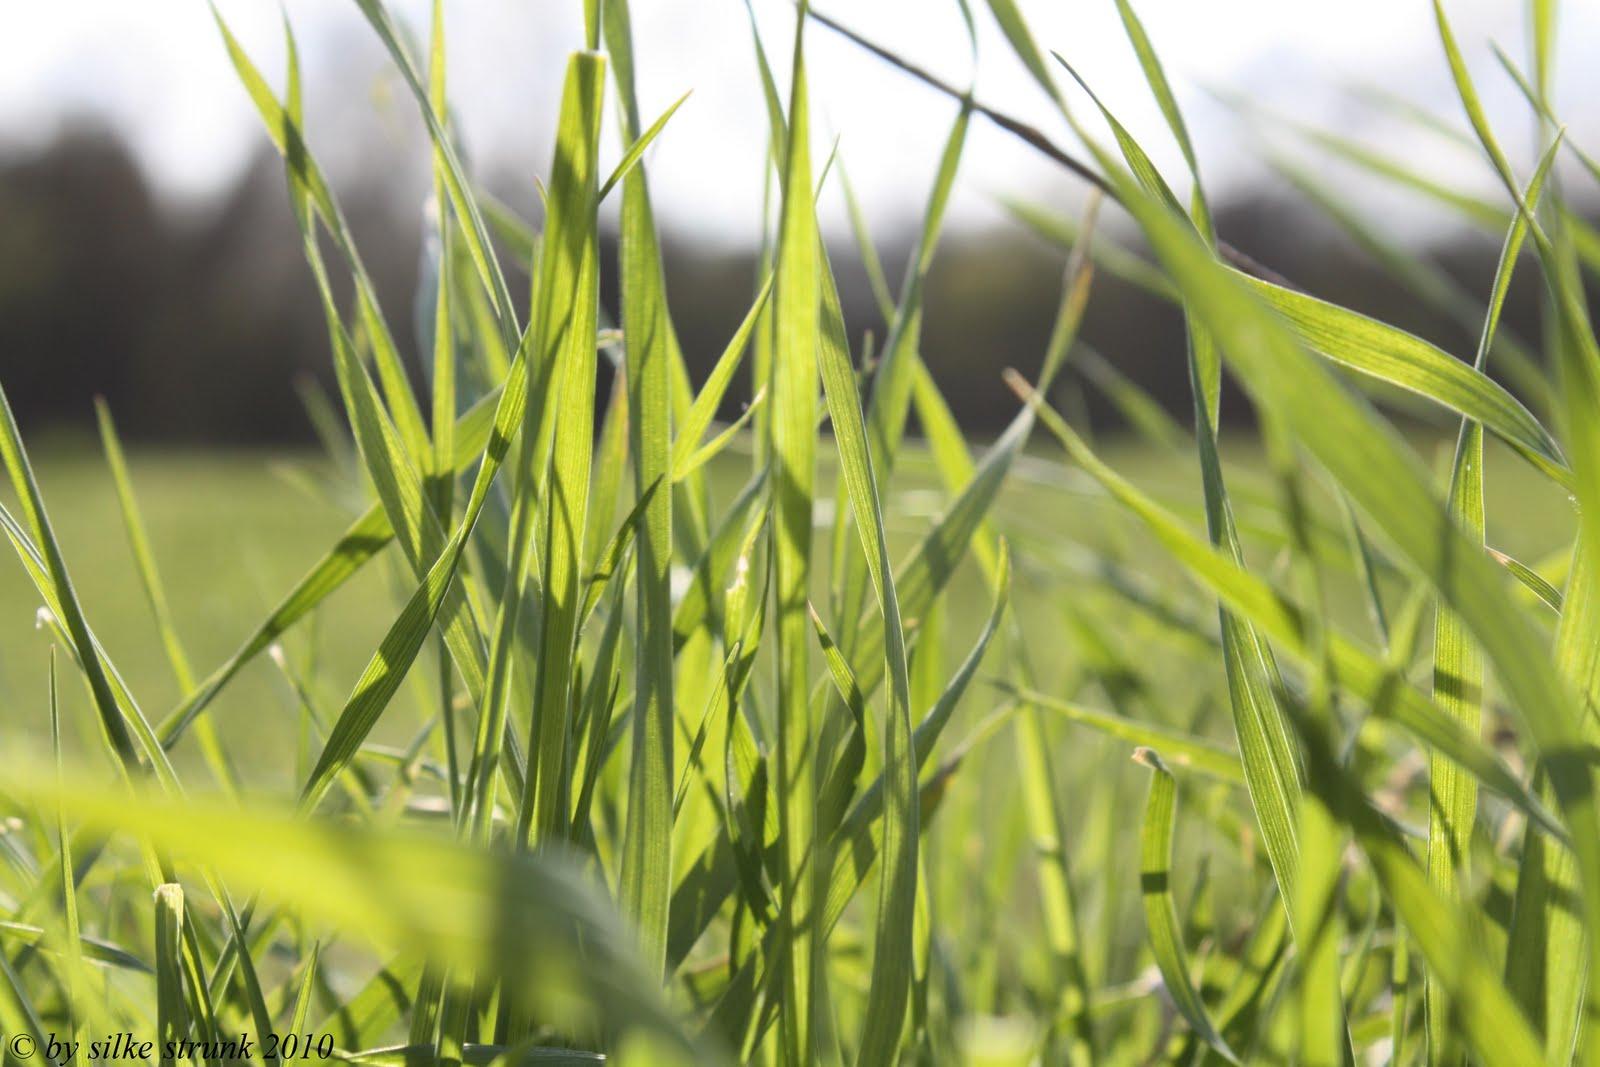 Symbolbil: der audiophile Genusshörer kann Gräsersorten am Geräusch beim Wachsen erkennen.